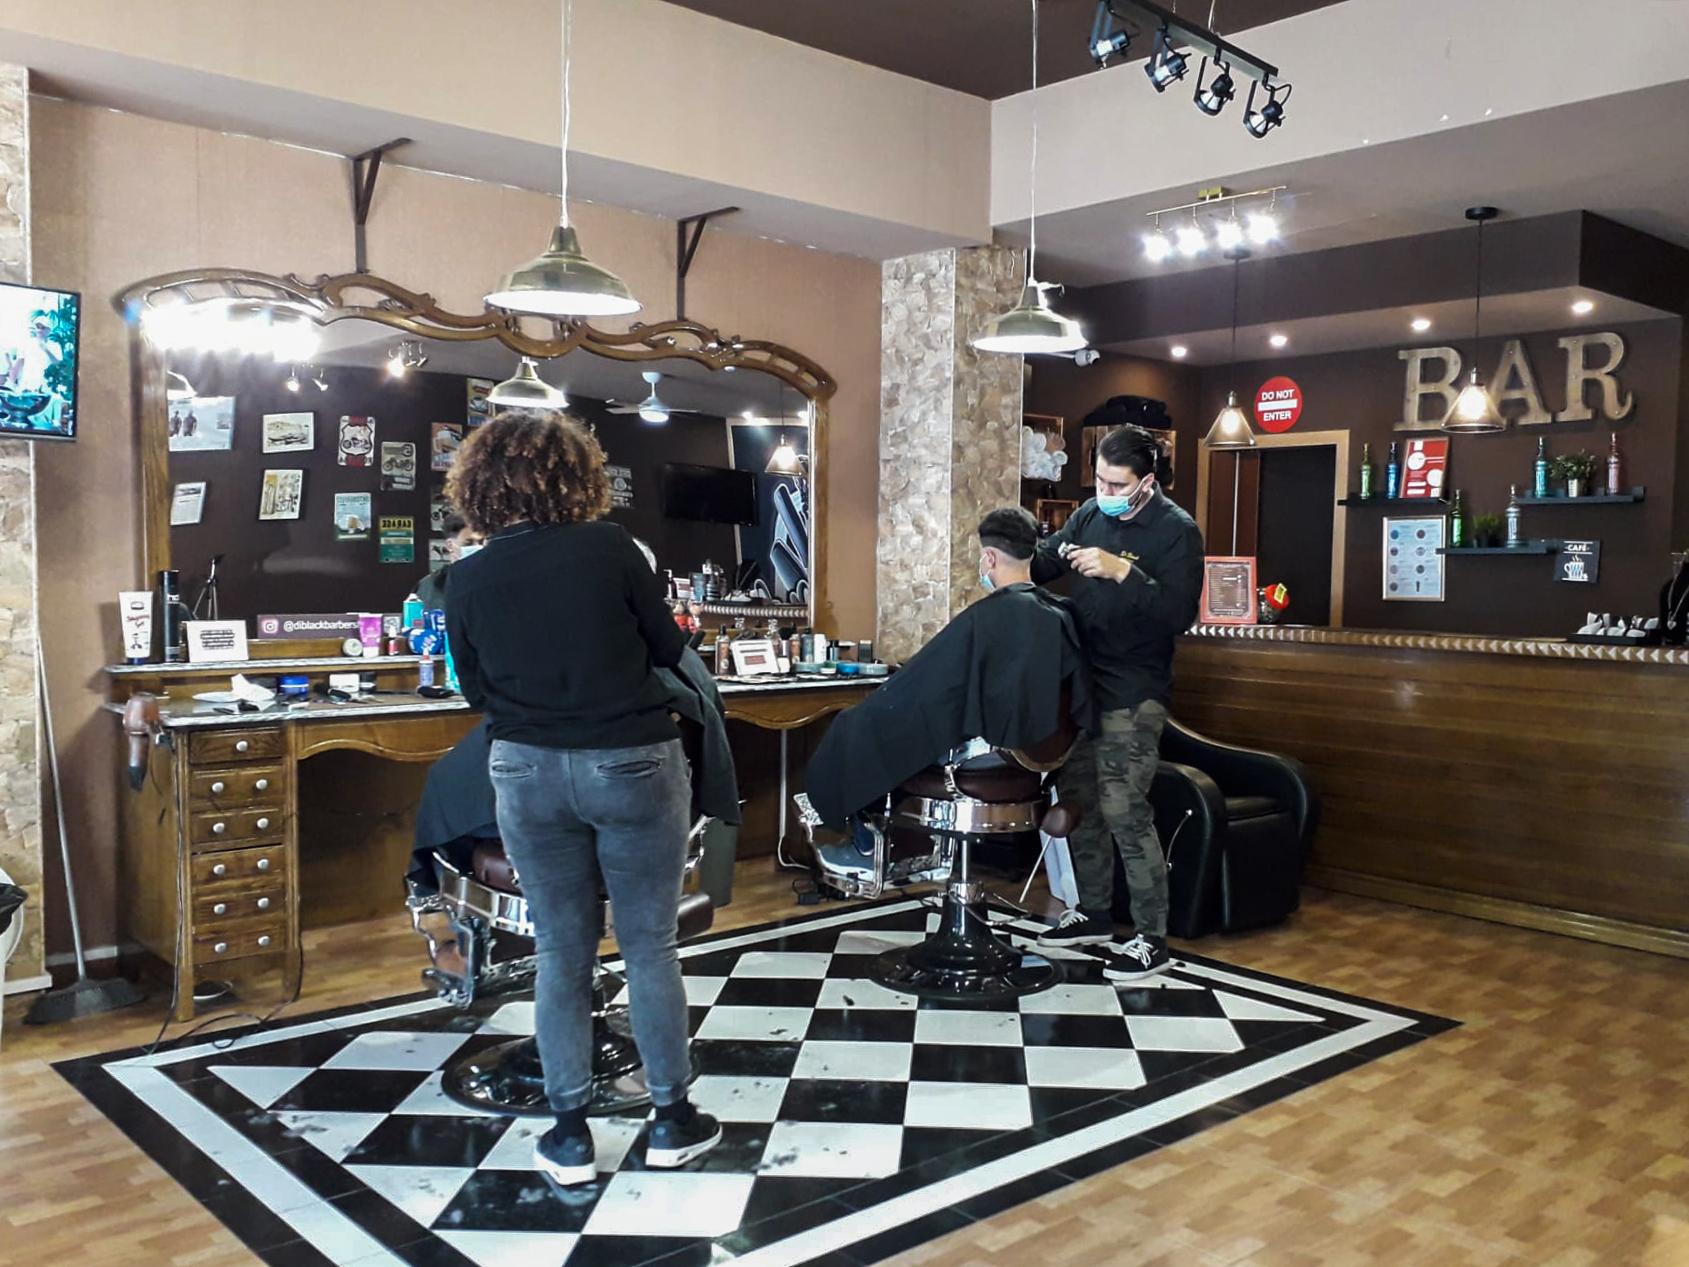 Cabeleireiros, barbeiros e comércio não essencial reabre após confinamento no Porto - 15MAR21